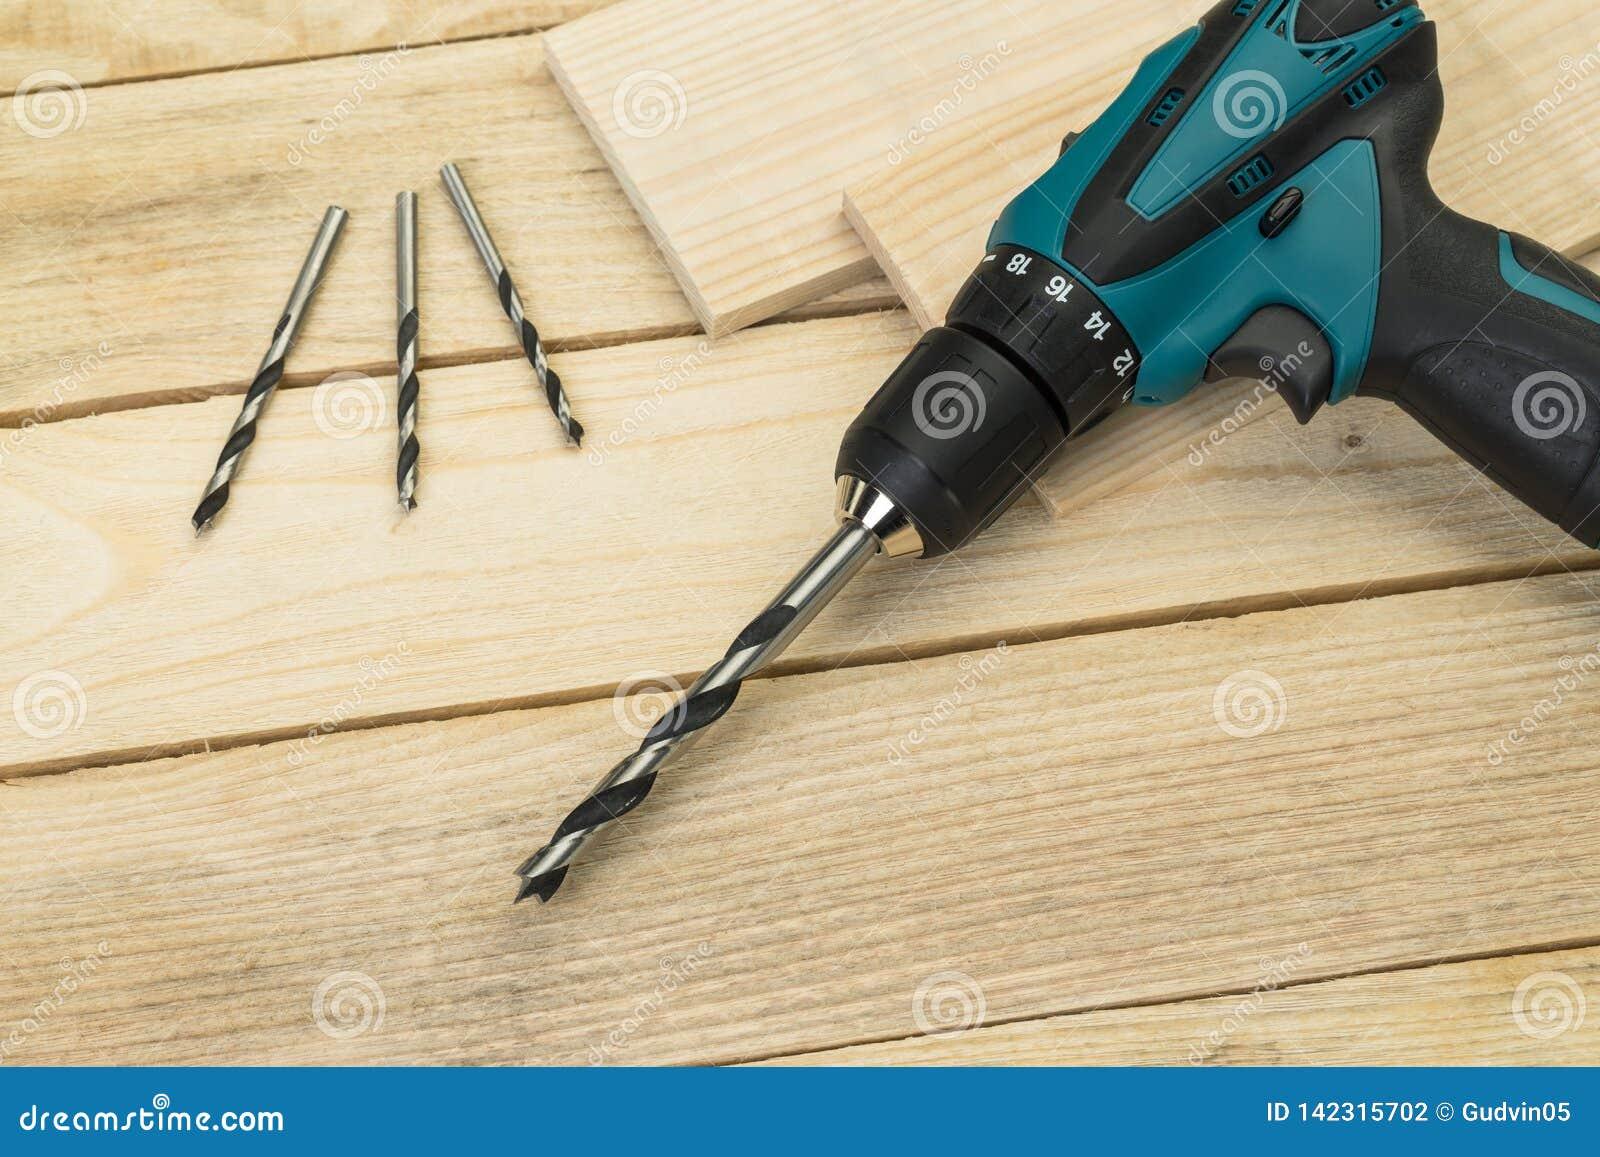 Taladro eléctrico en un fondo de madera Herramientas de la carpintería